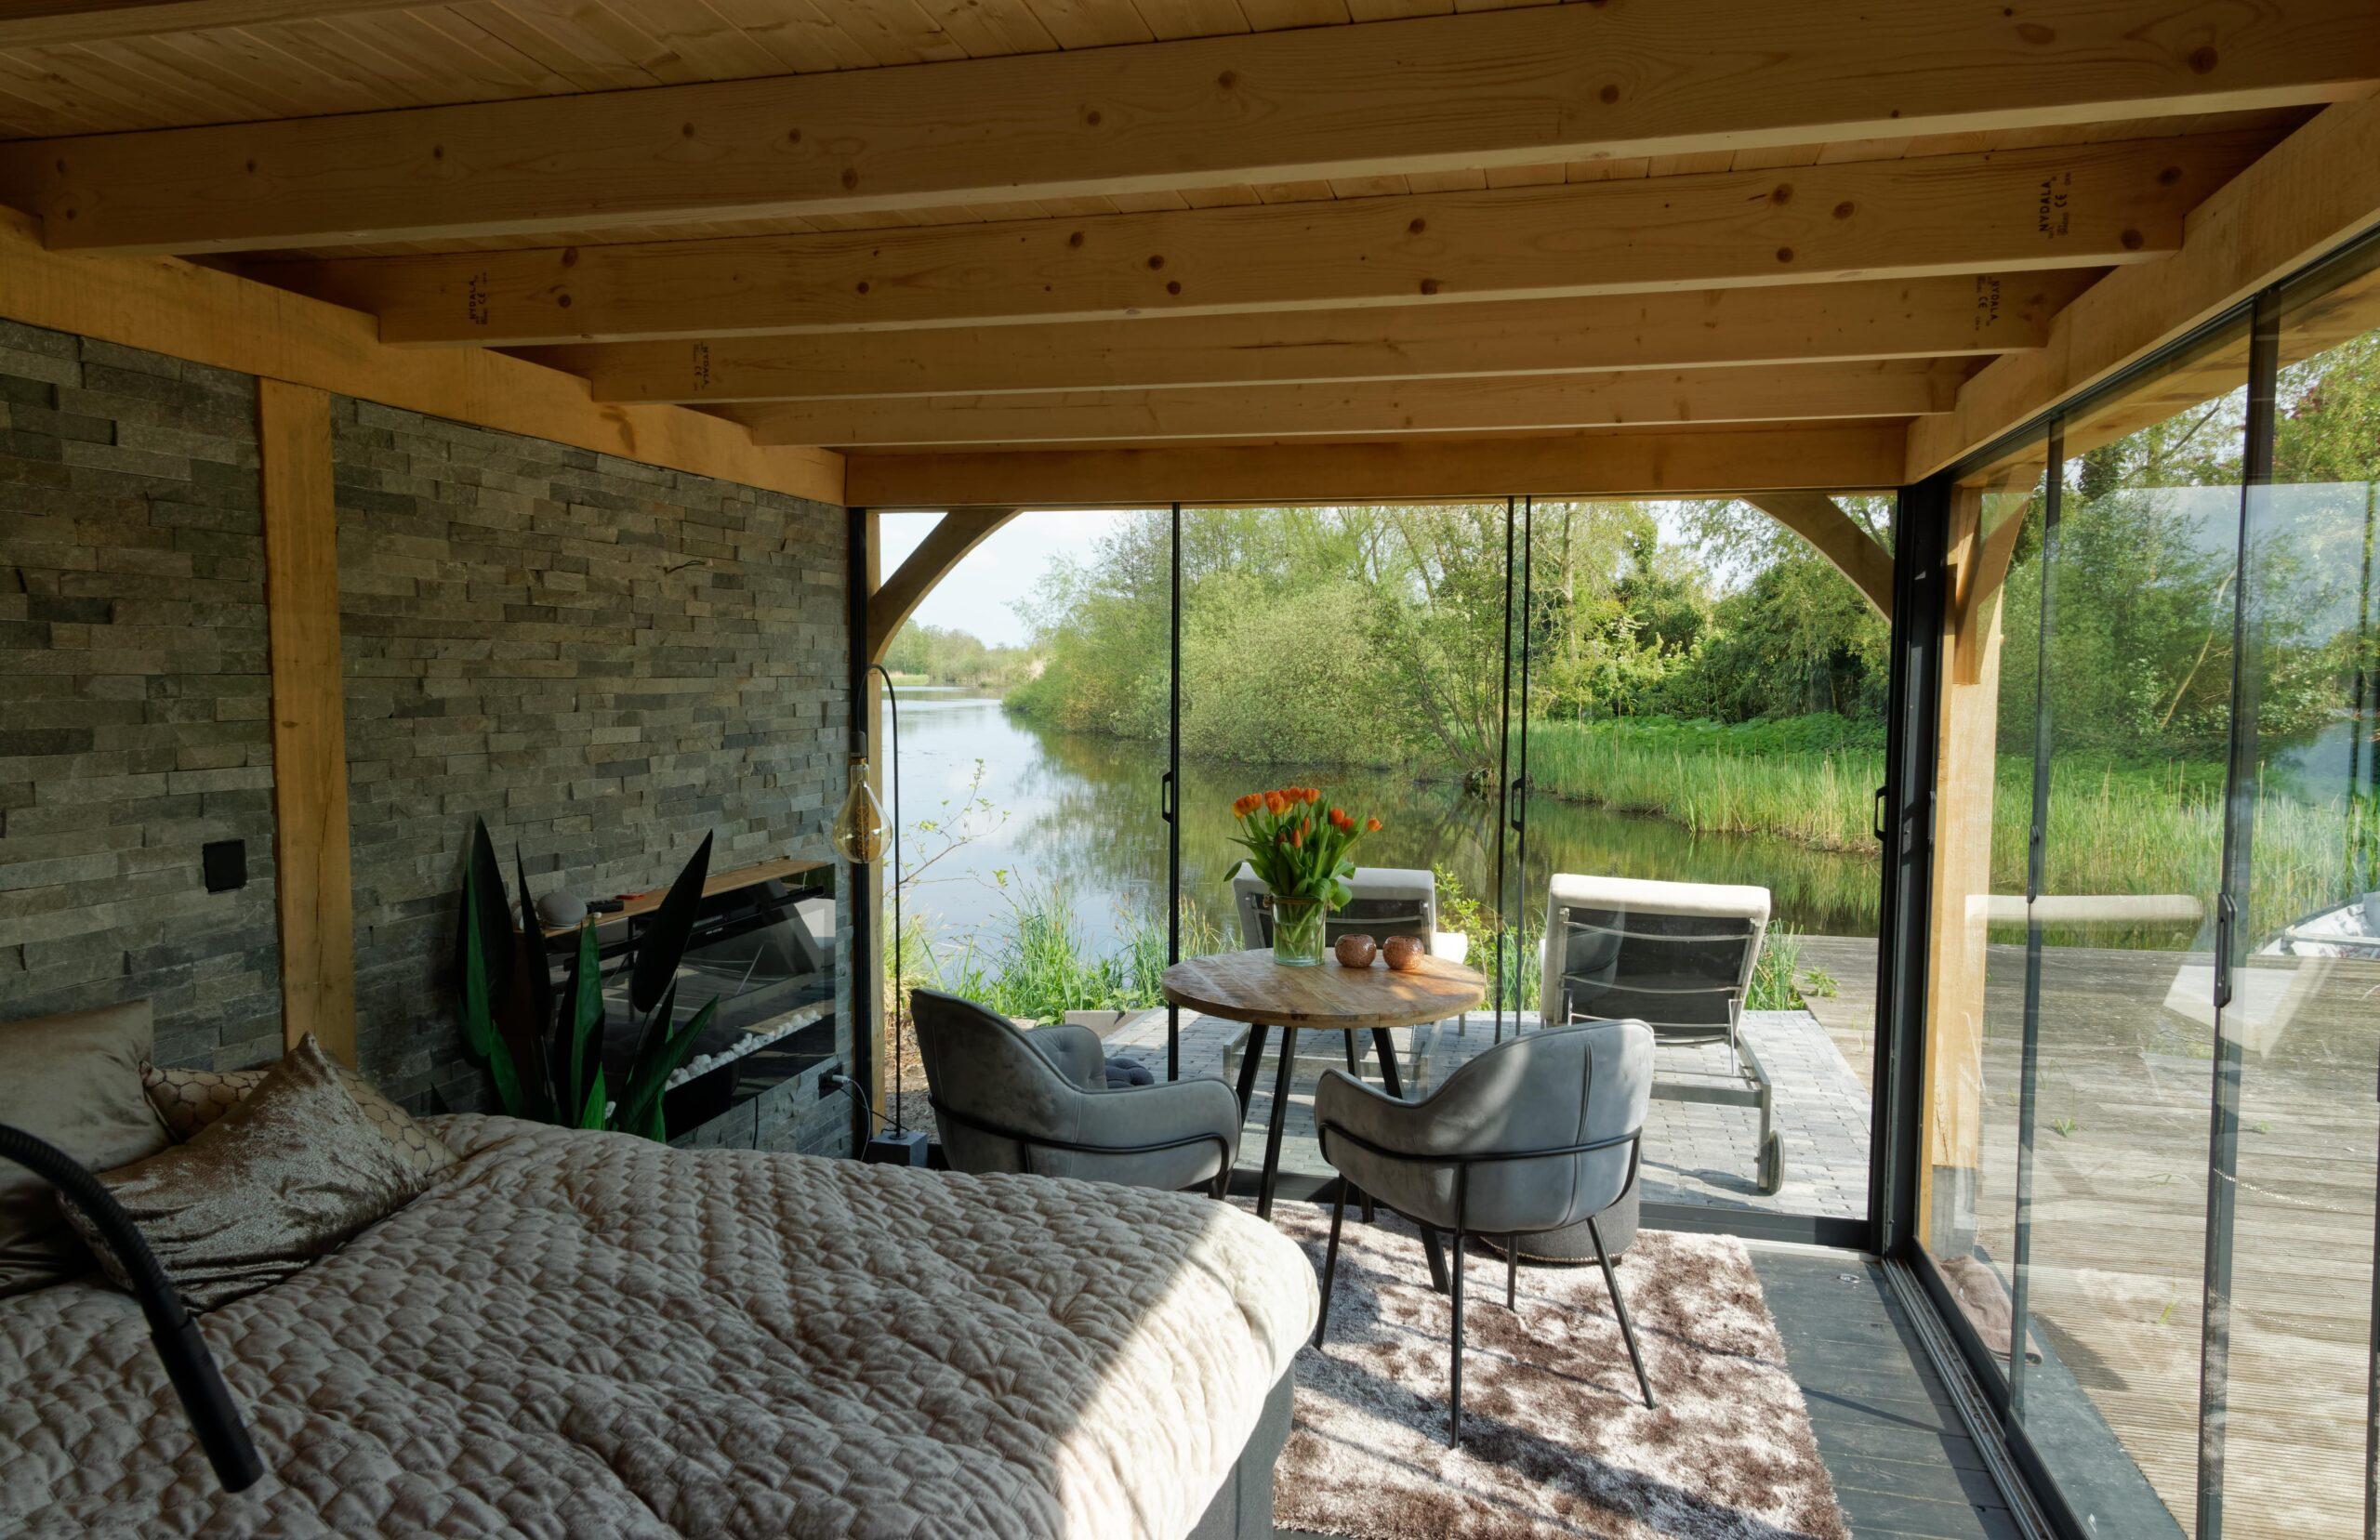 Luxe-tuinkamer-aan-het-water-14-scaled - Project Kortenhoef: Luxe tuinkamer aan het water